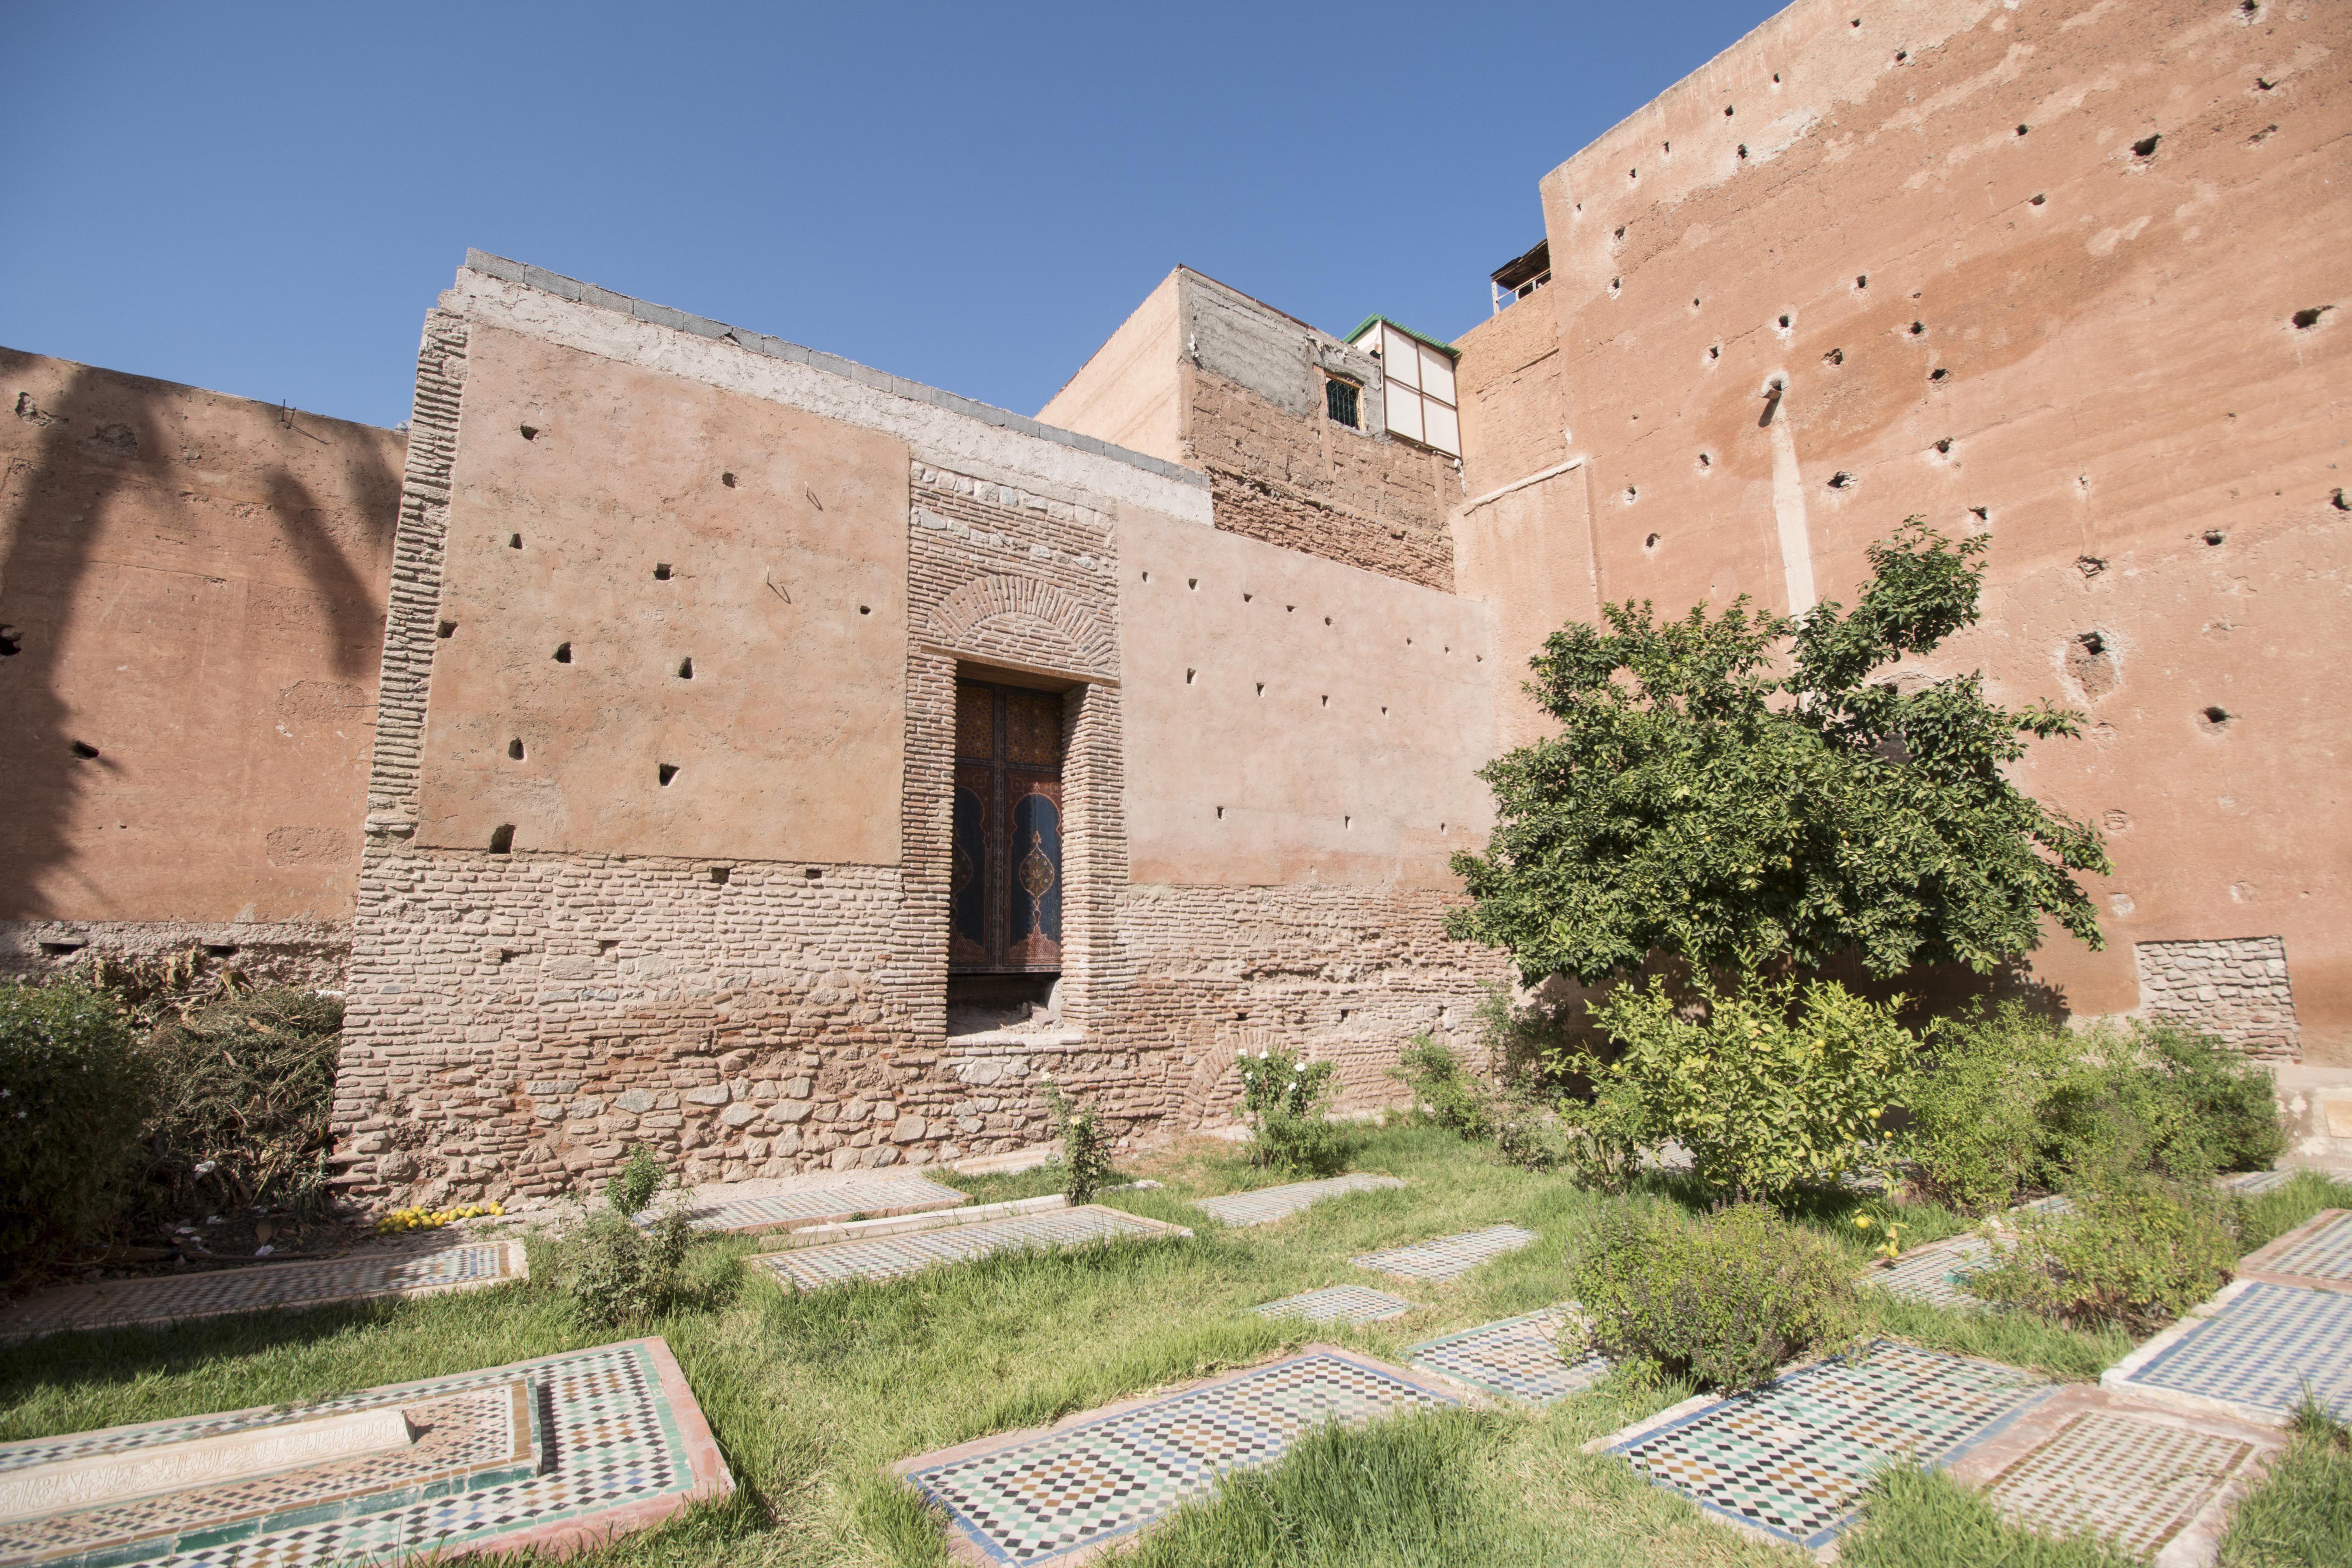 Outdoor tombs in Marrakesh